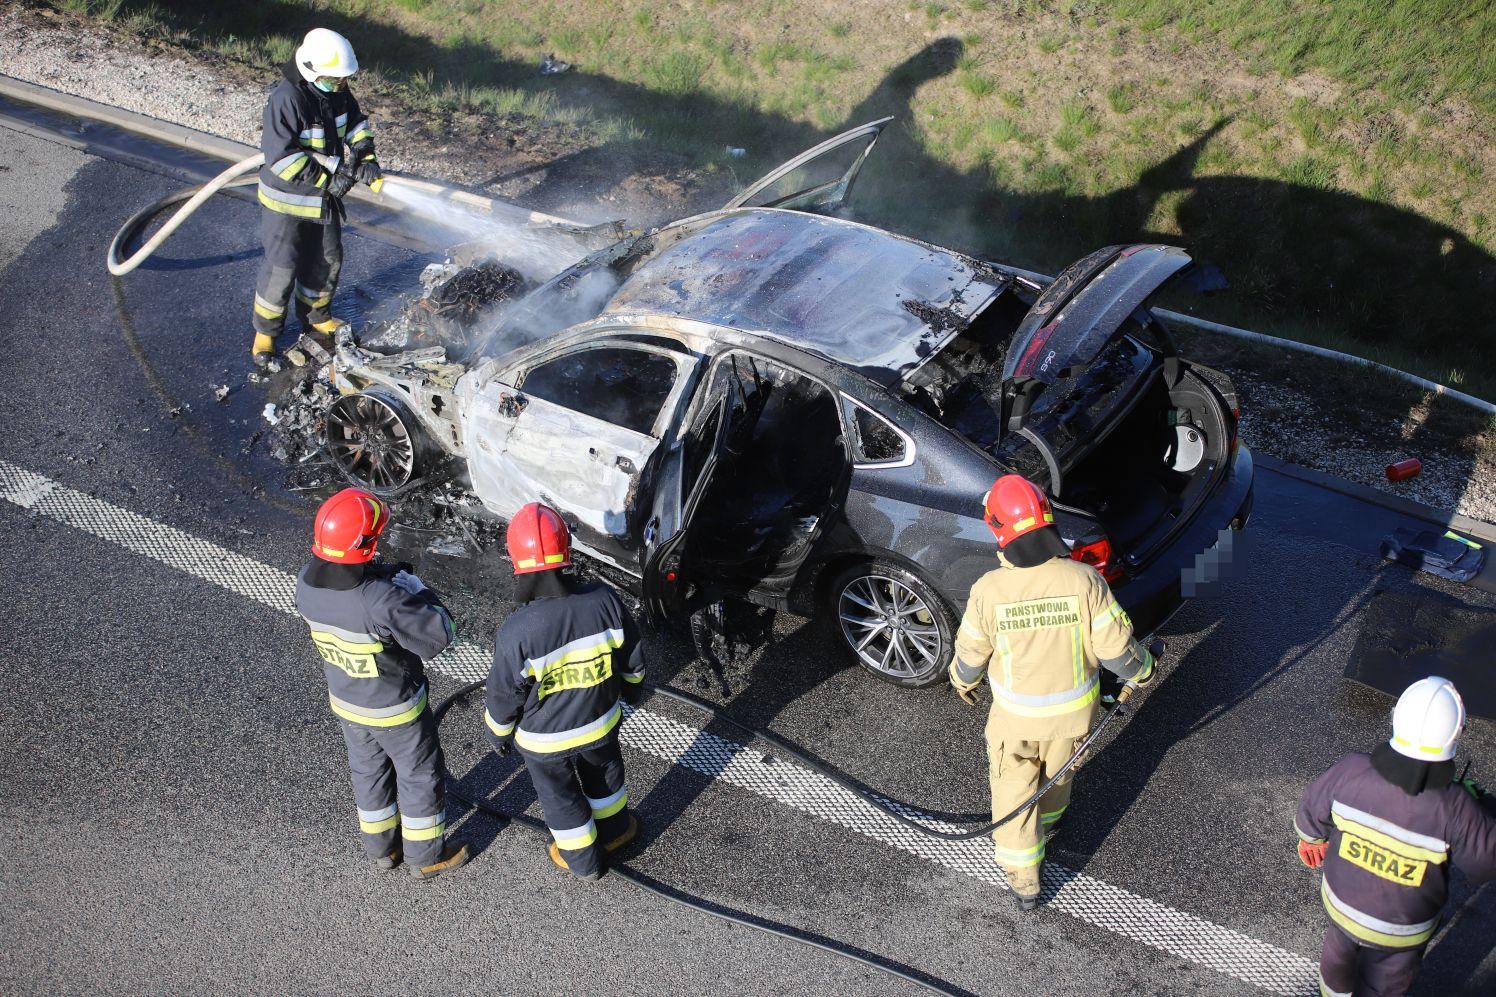 [ZDJĘCIA] Samochód w ogniu na autostradzie pod Kutnem. Słup dymu widoczny z wielu kilometrów - Zdjęcie główne